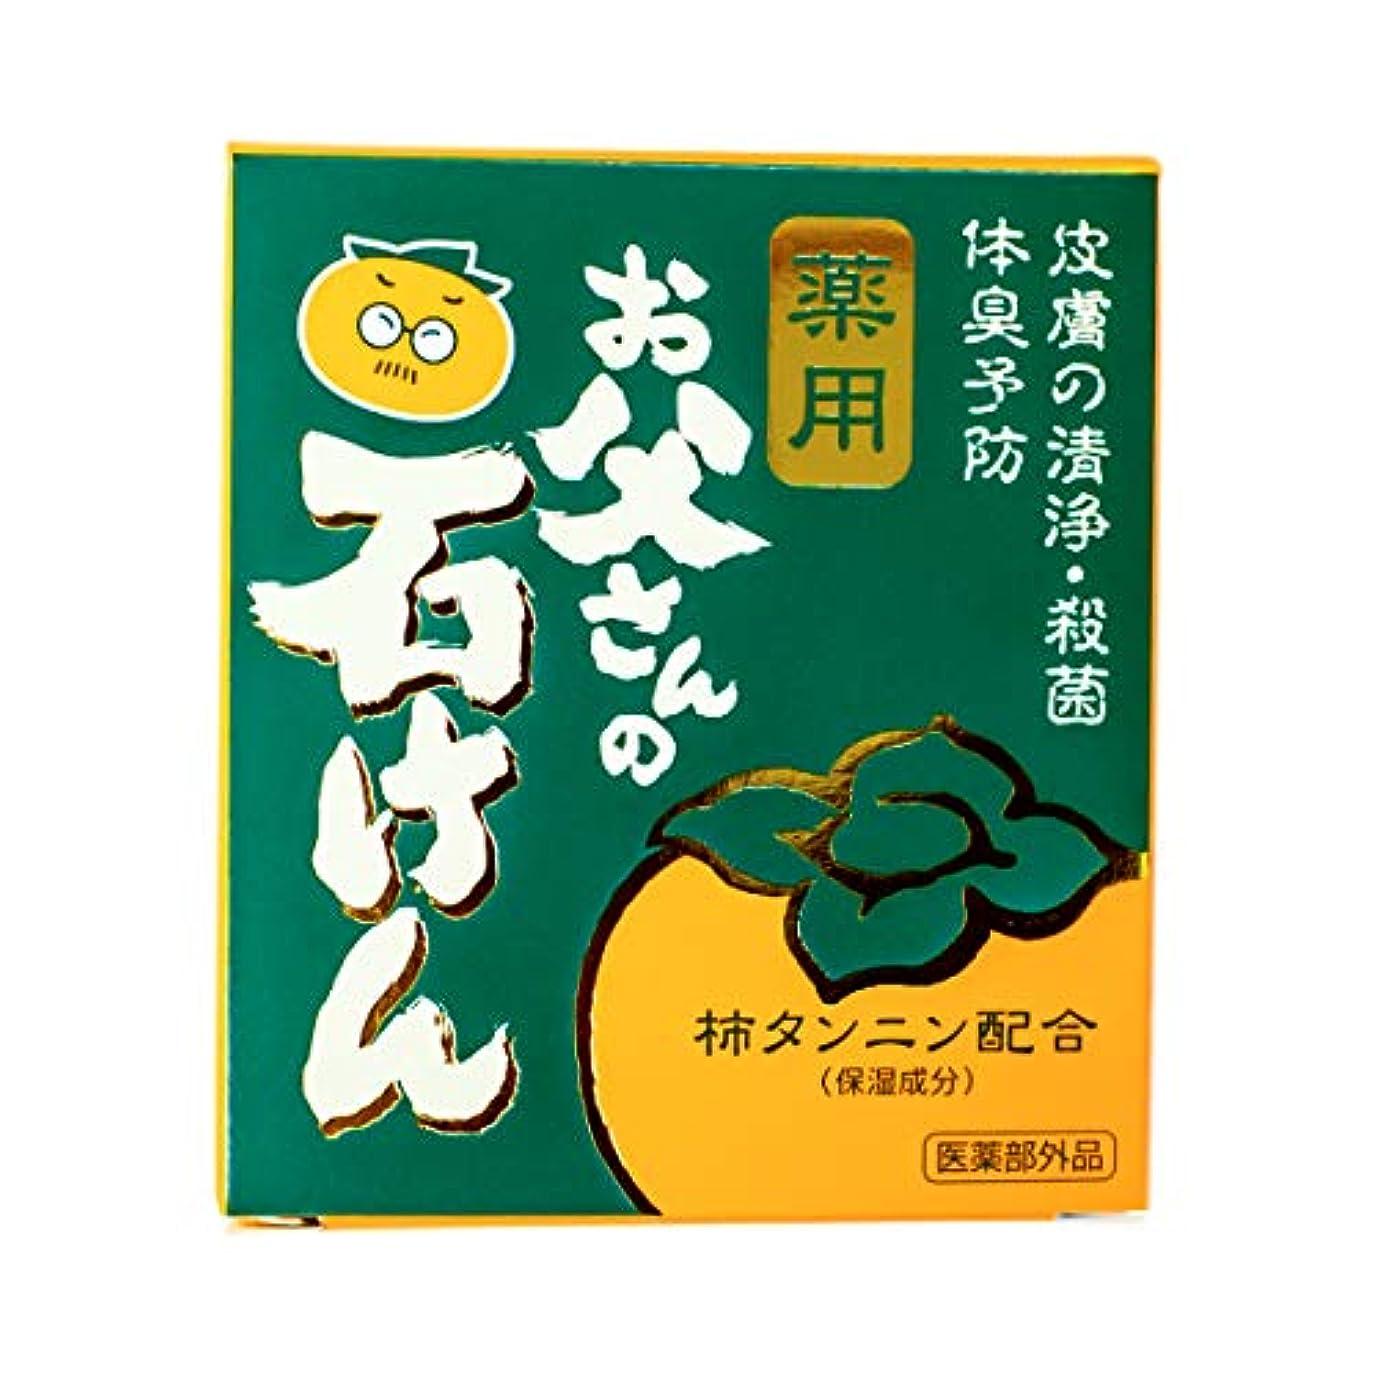 倍増補助タンカーヨネキチ お父さんの石けん 石鹸 10枚セット